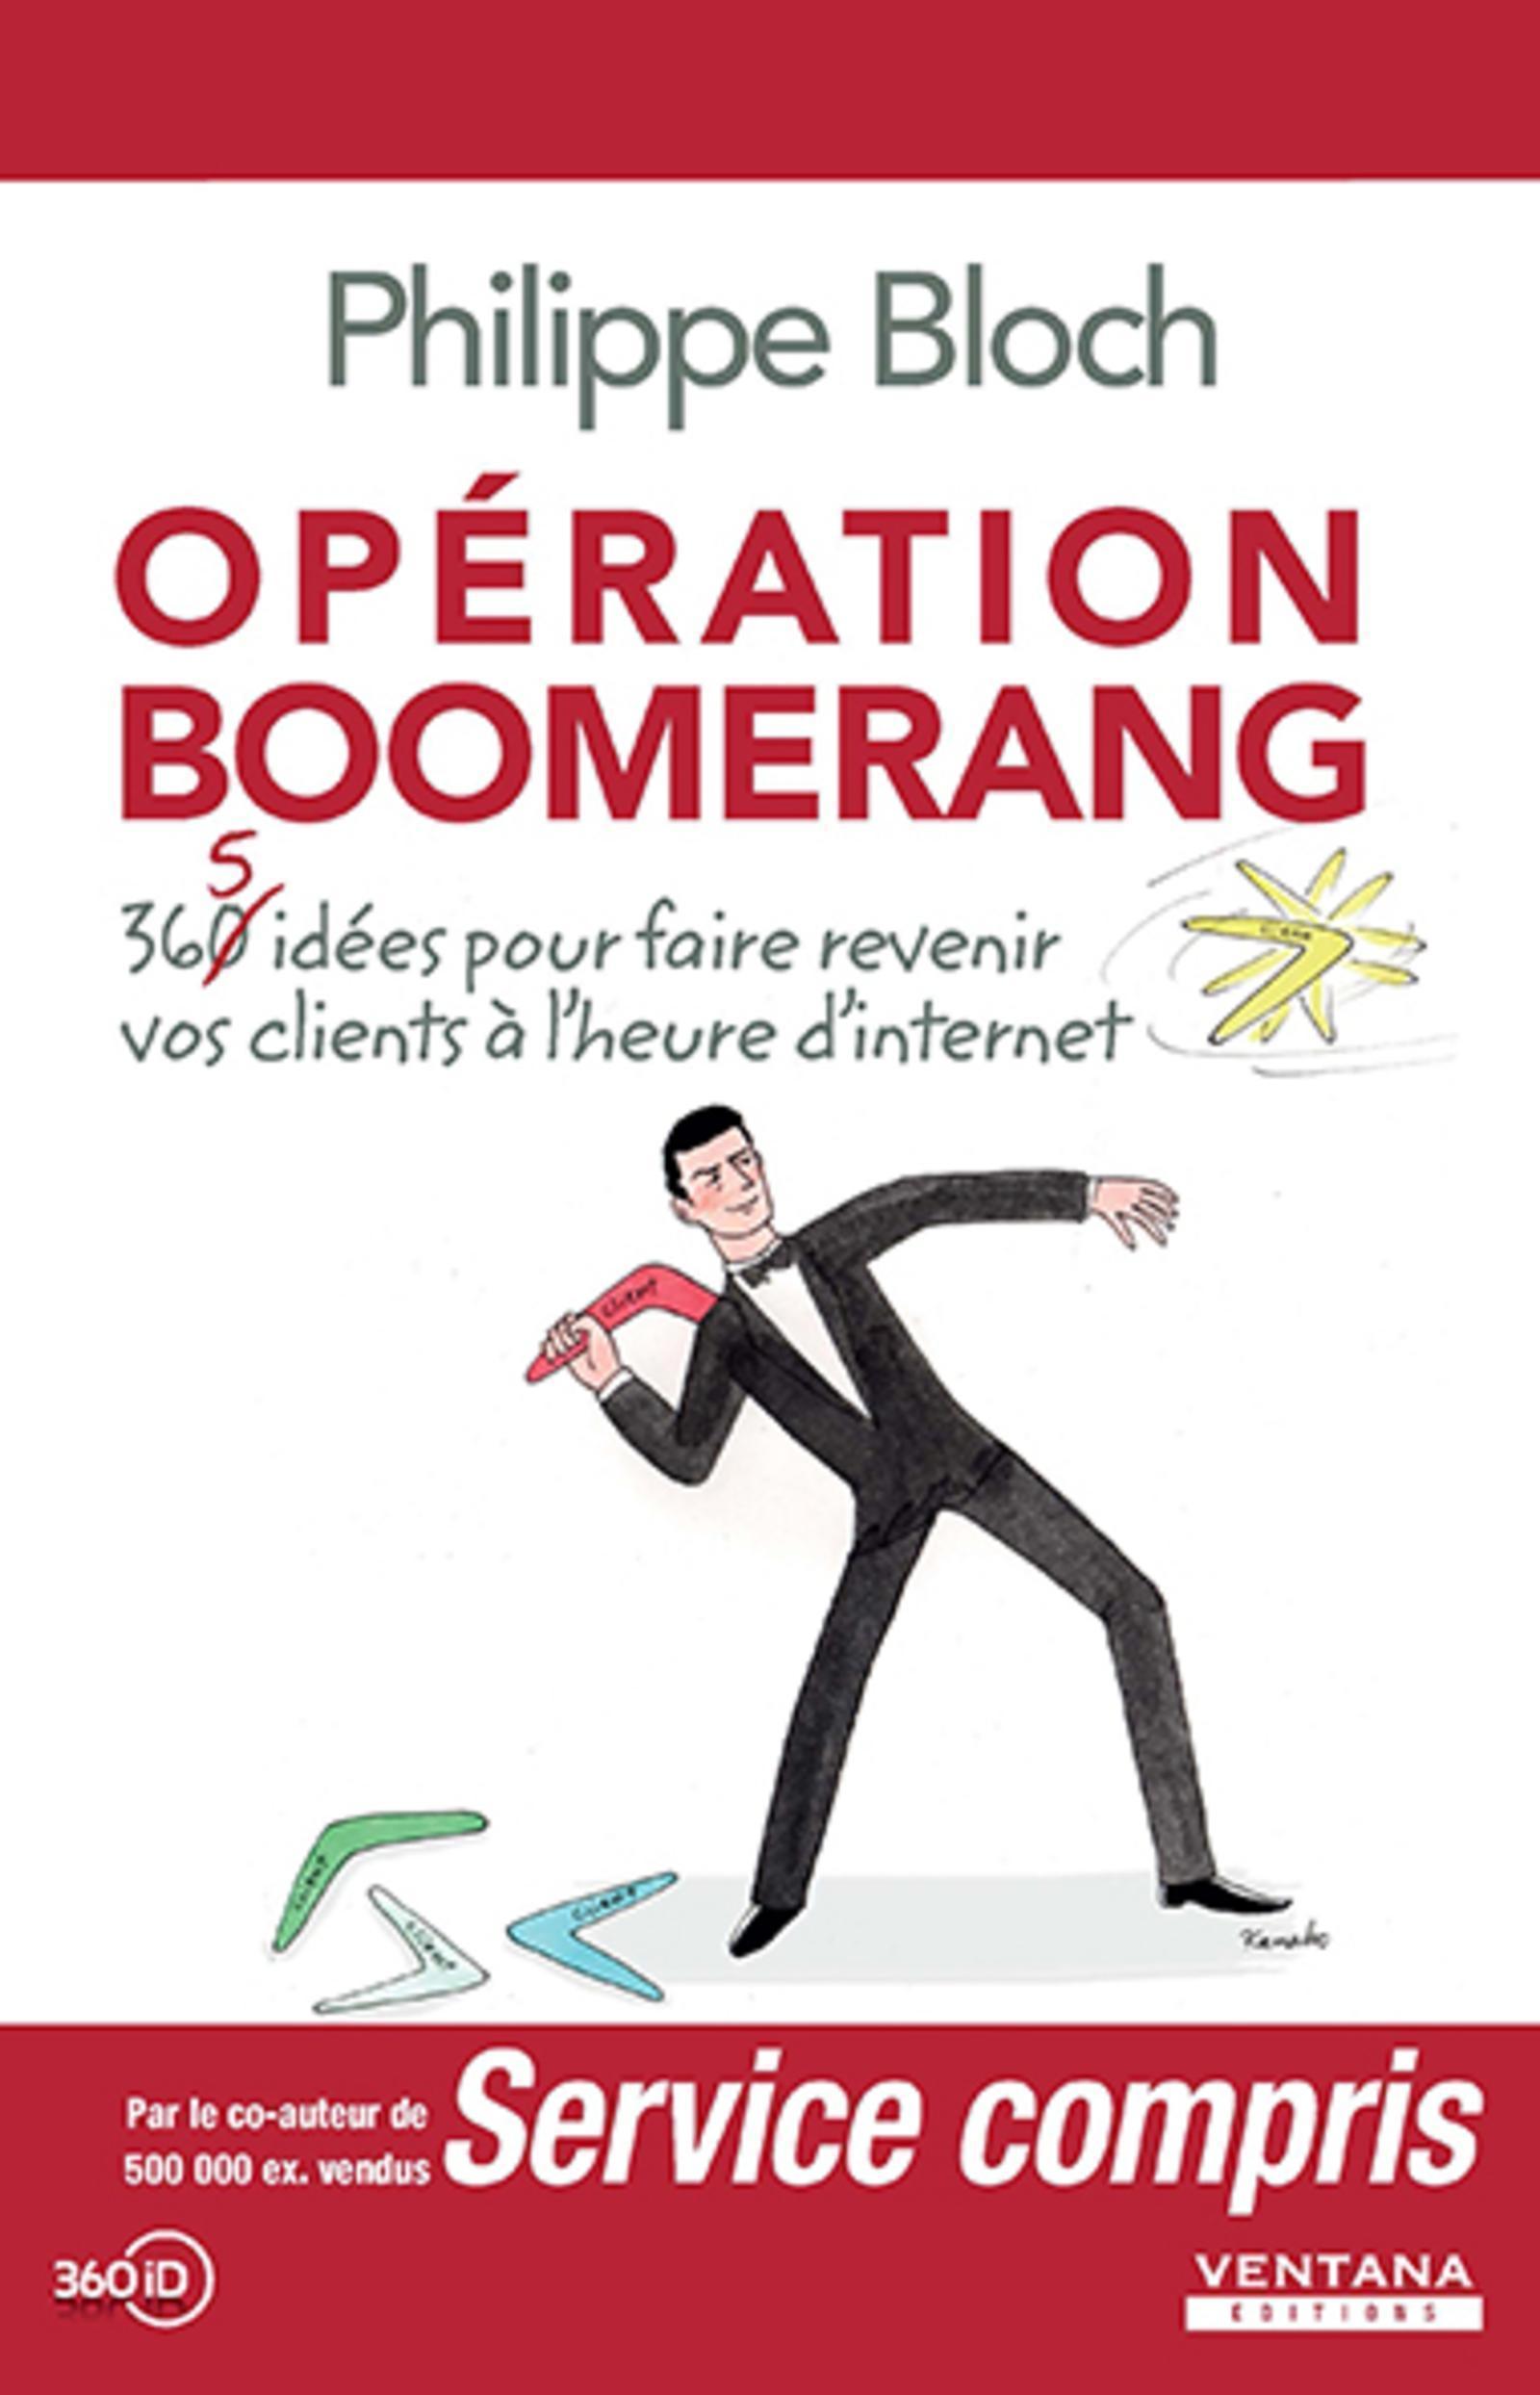 OPERATION BOOMERANG - 365 IDEES POUR FAIRE REVENIR VOS CLIENTS A L'HEURE D'INTERNET.